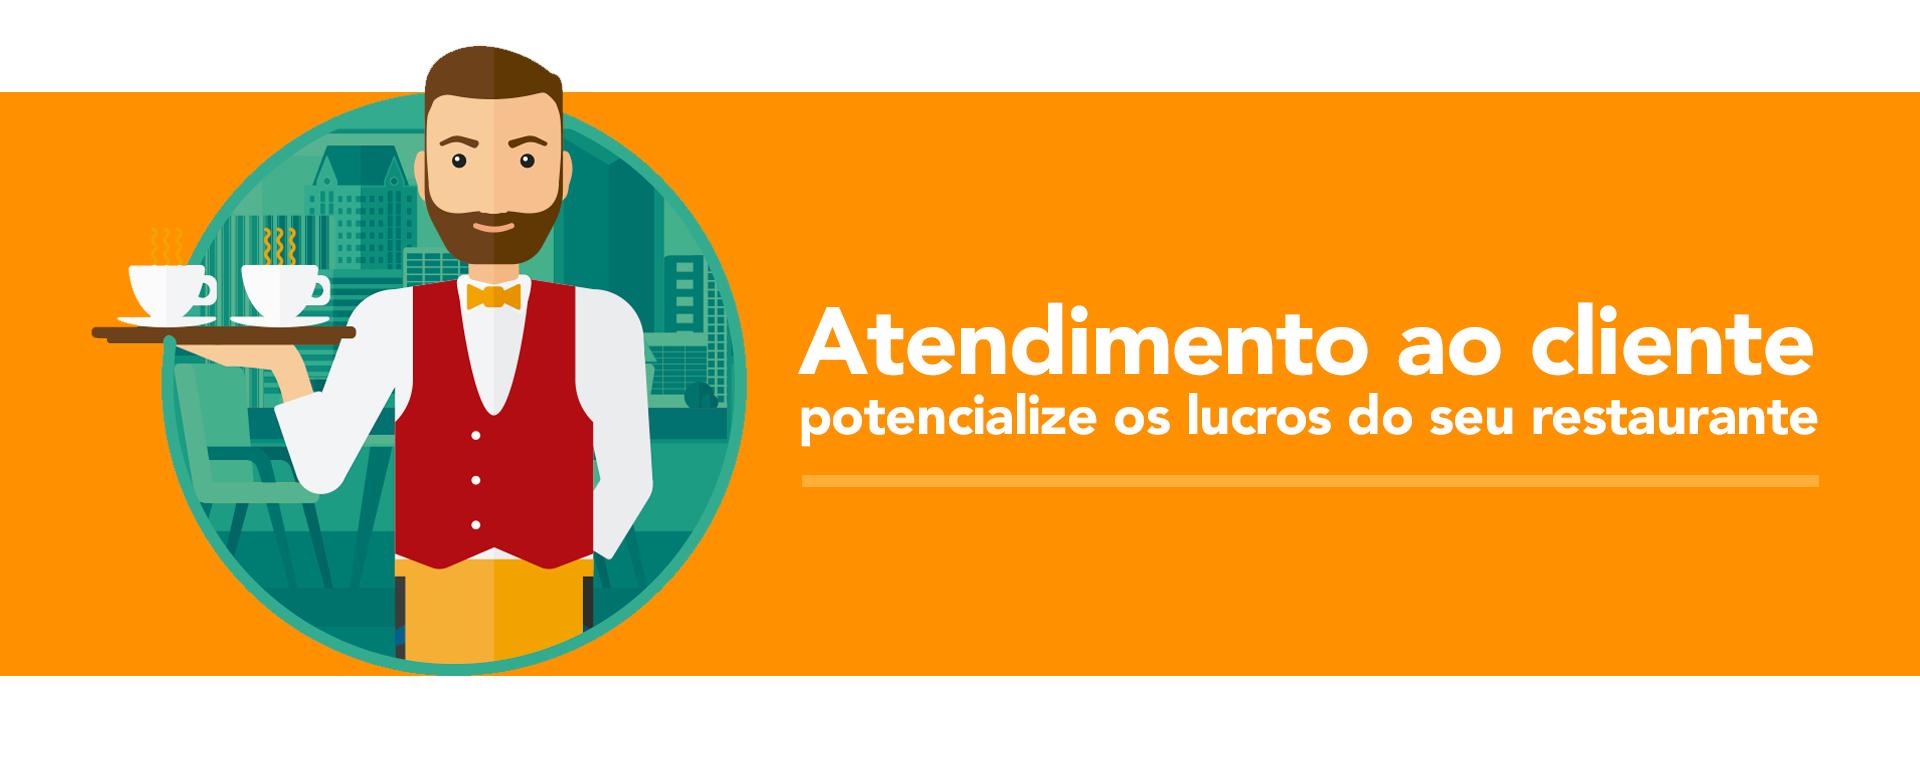 atendimento ao cliente-capa-pp01